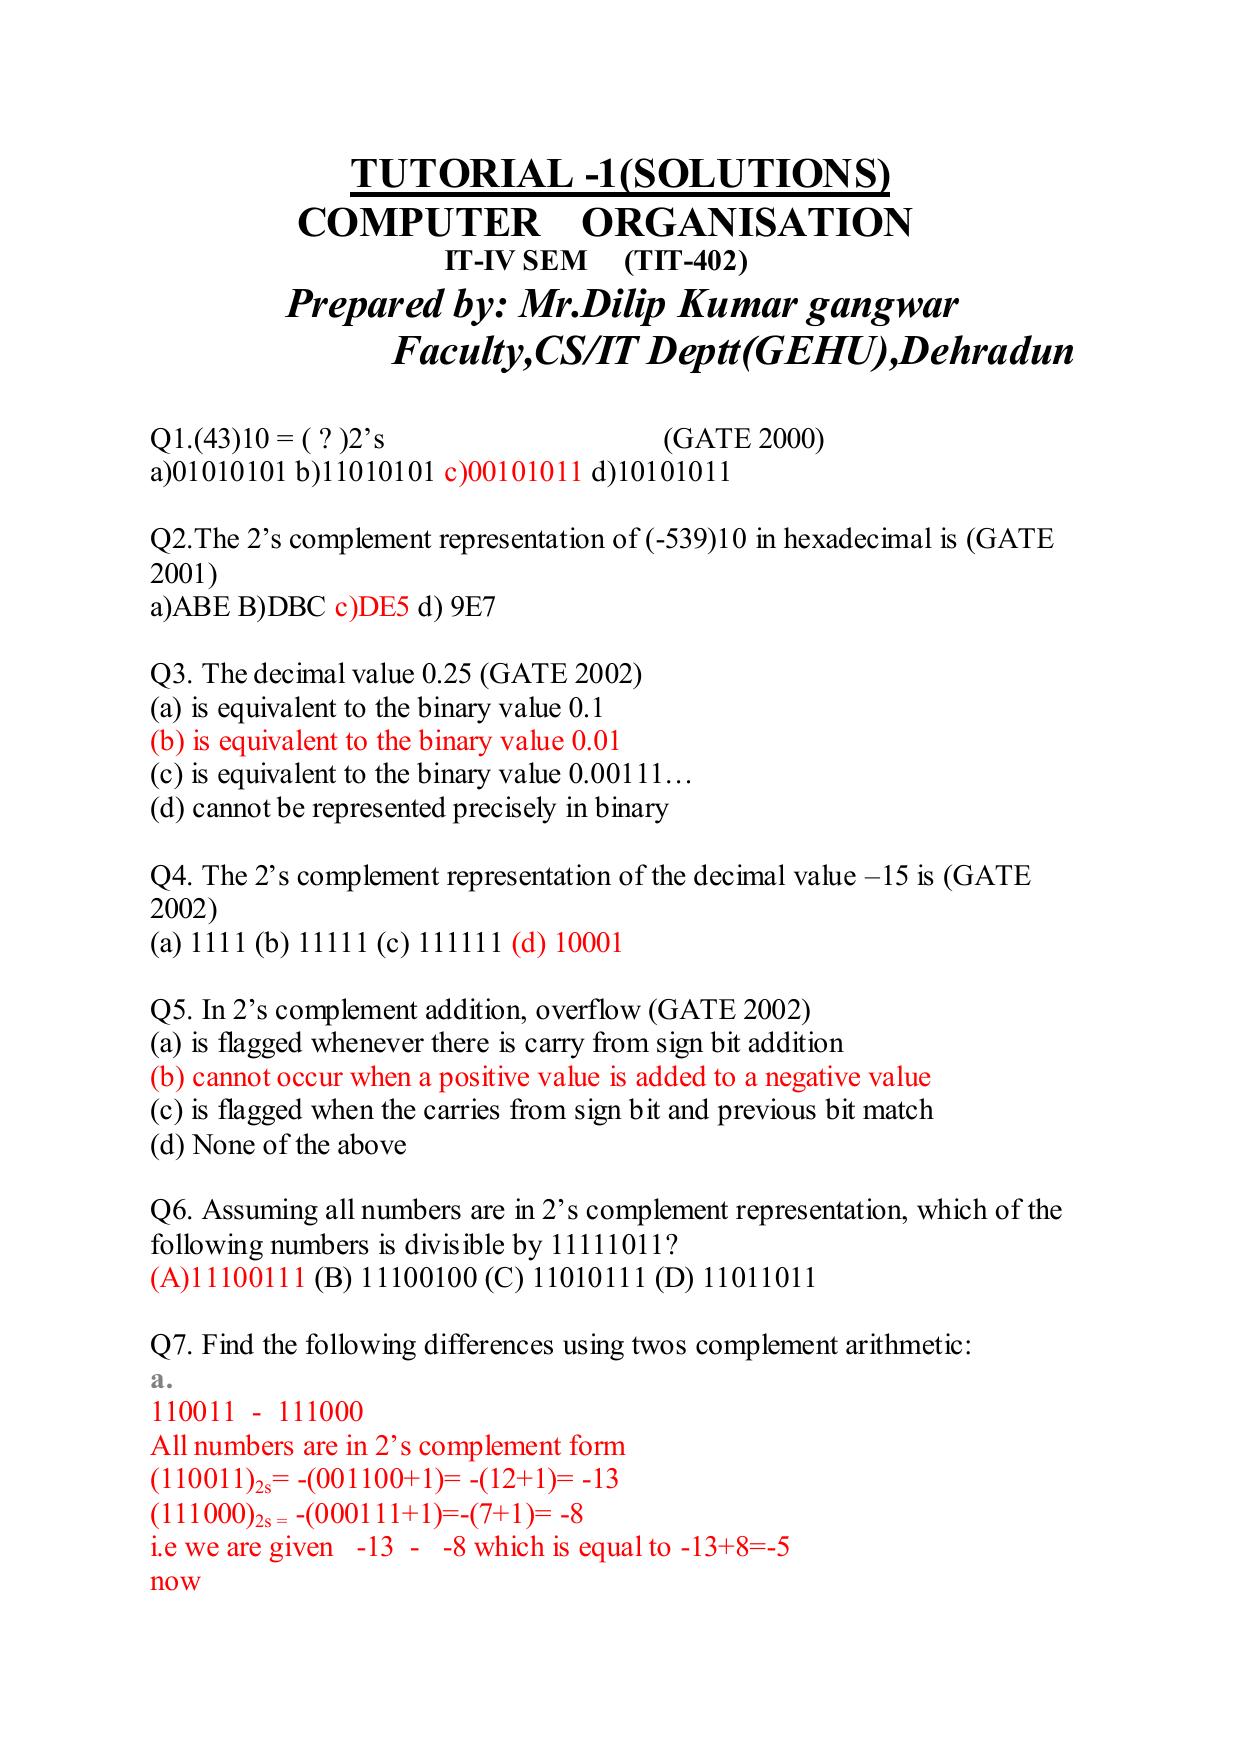 1(SOLUTIONS) - GEHU CS/IT Deptt